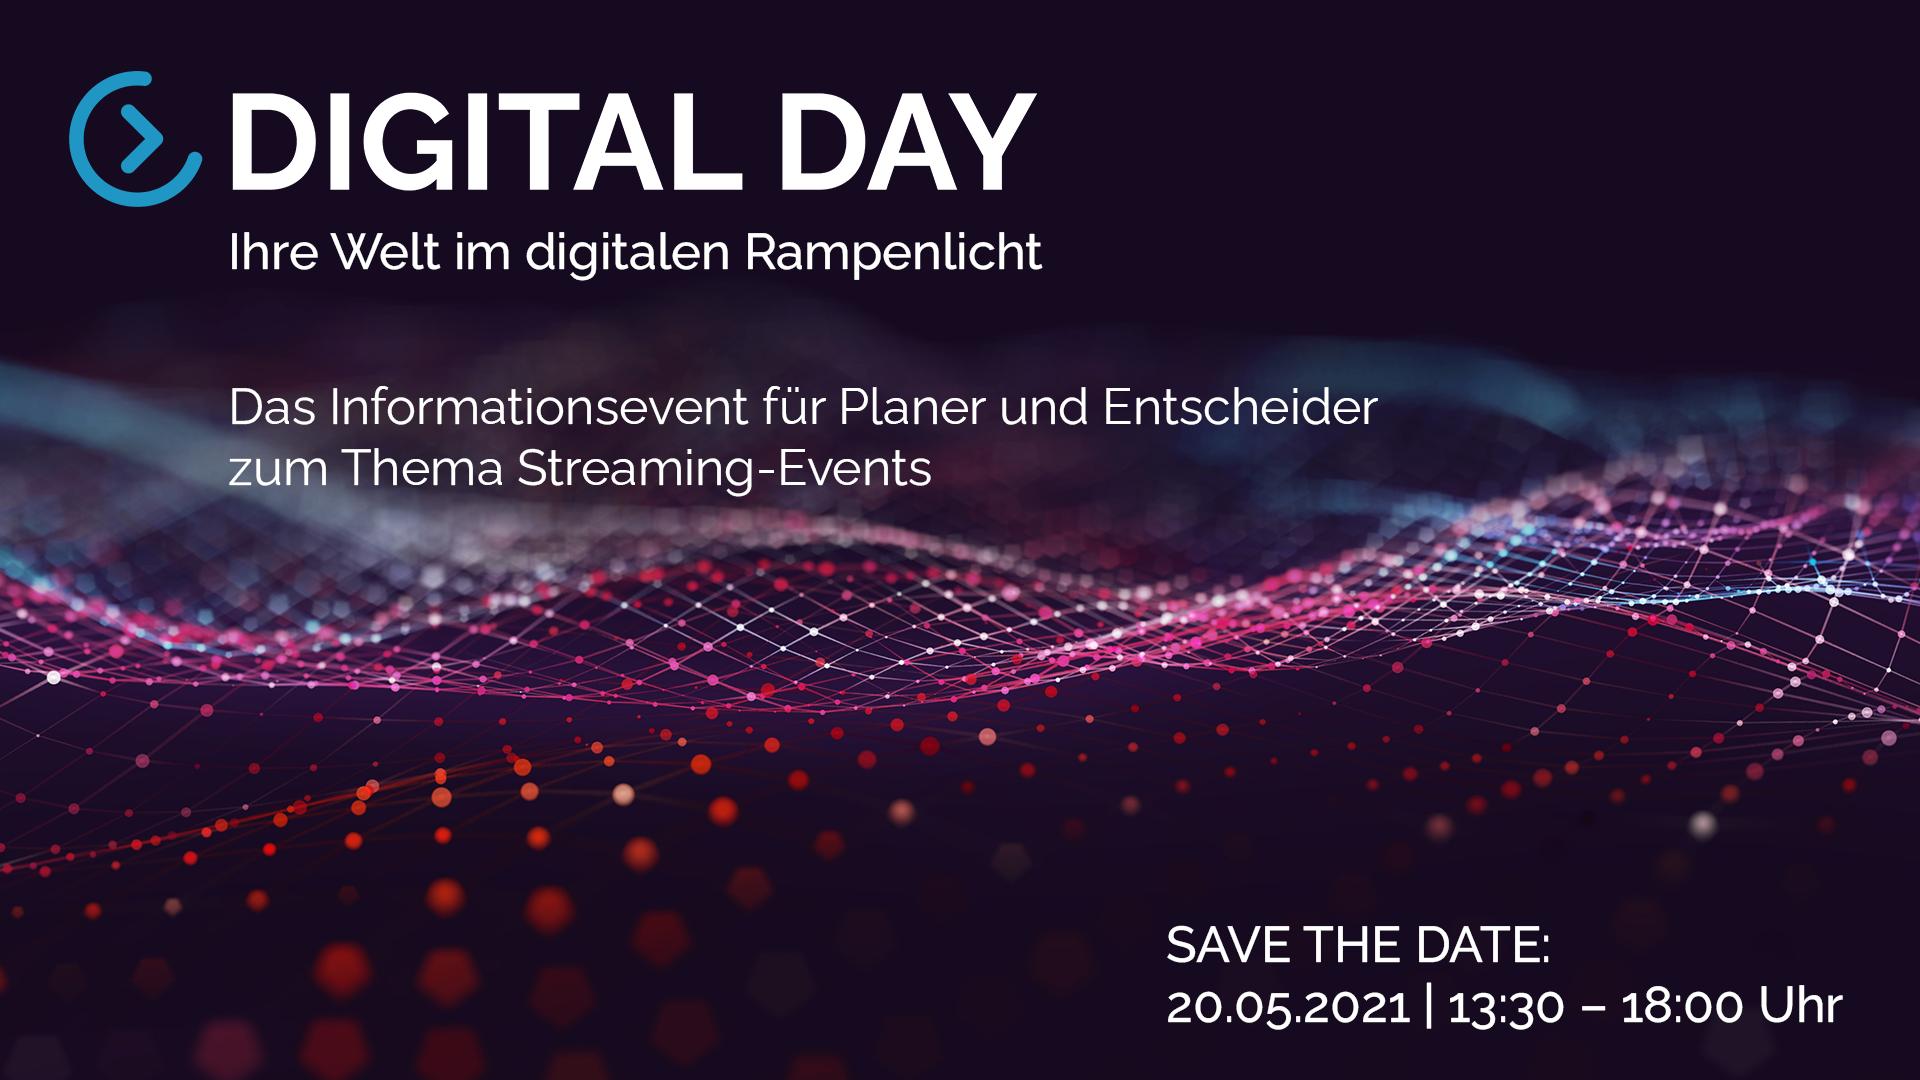 digitalday